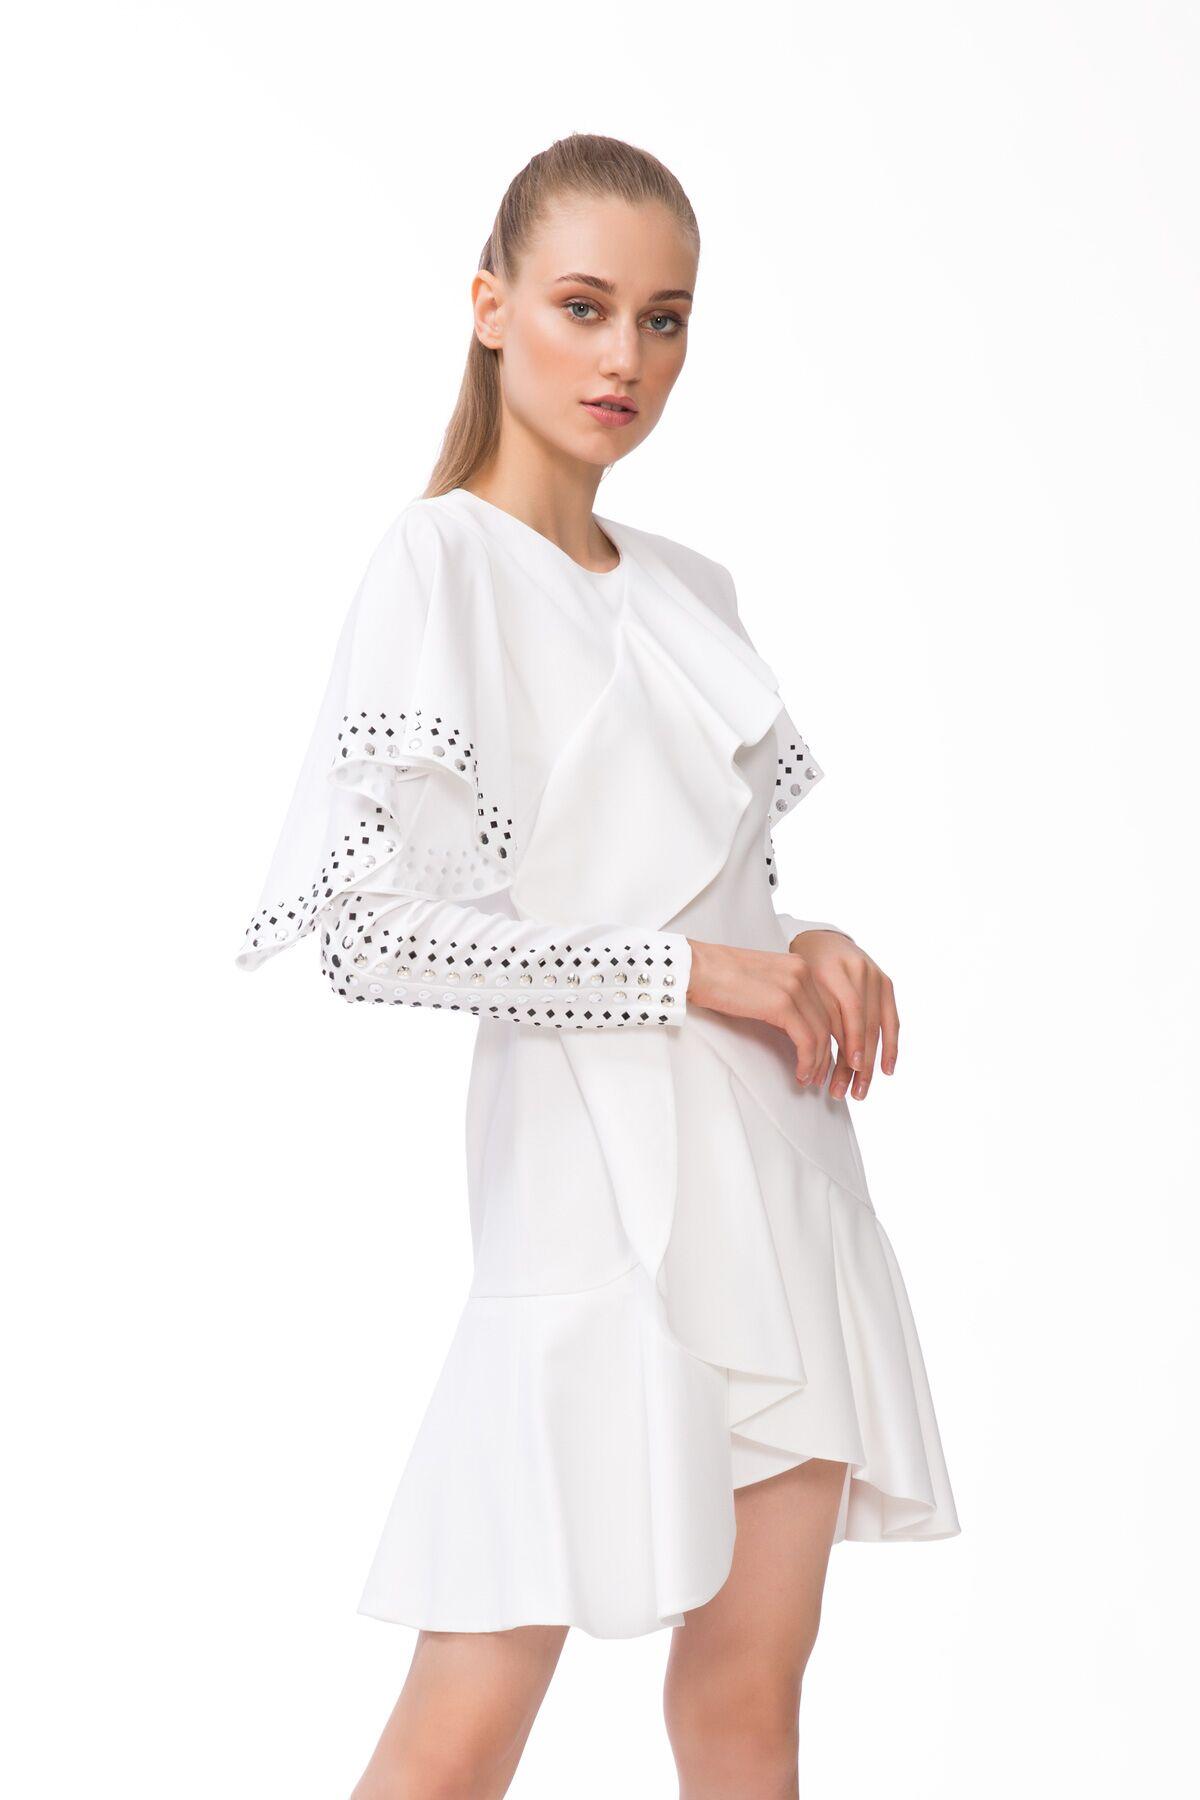 Kol Kısmı Trok Baskı Detaylı Beyaz Mini Elbise